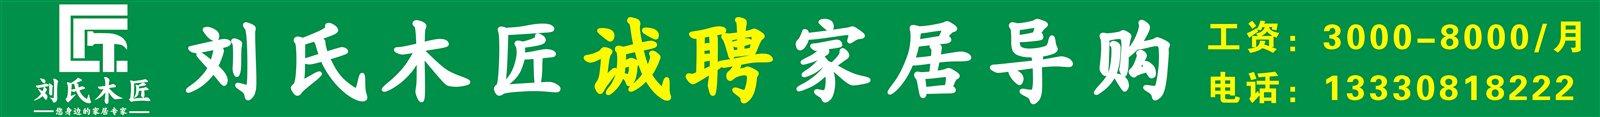 富顺刘氏木匠(原金虎家居)